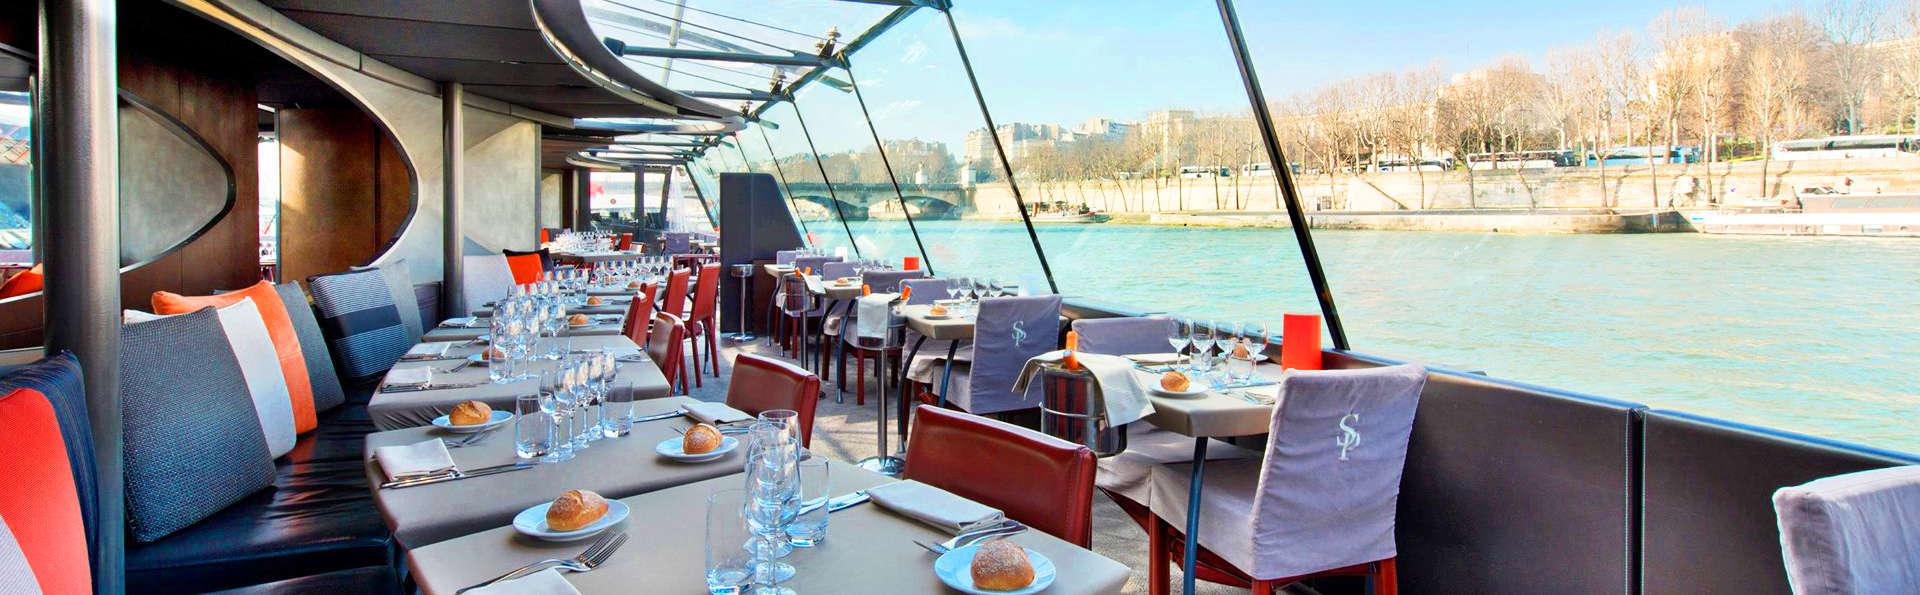 Paris à découvrir entre les Champs Élysées et une croisière sur la Seine